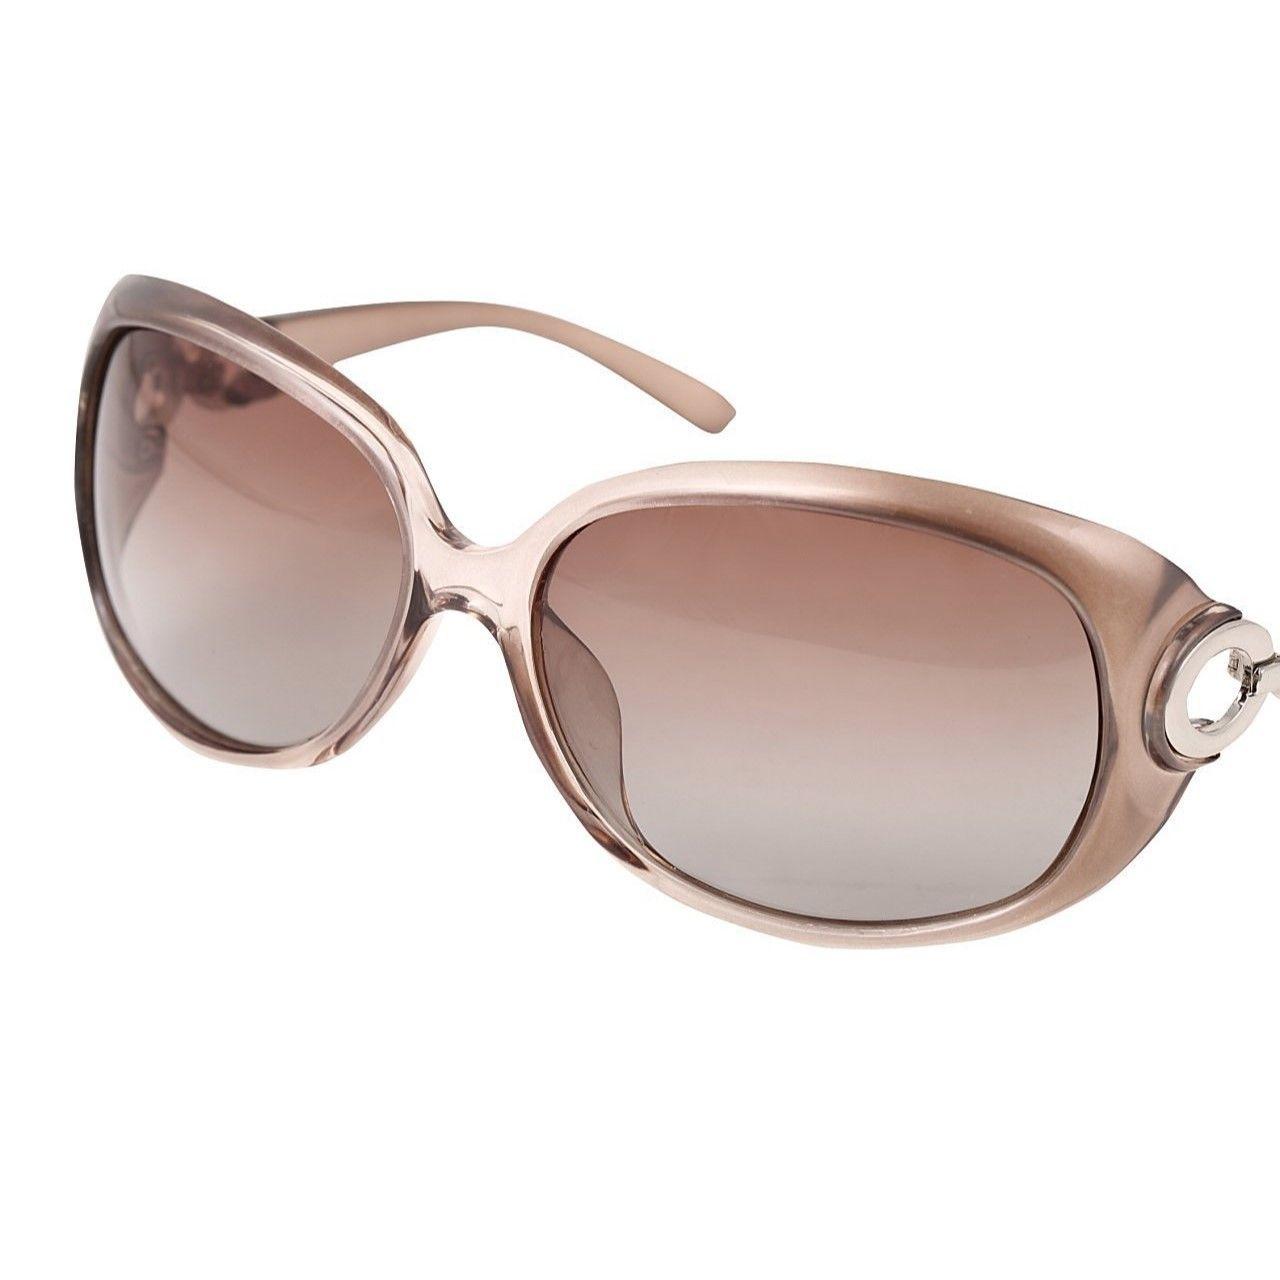 レディース サングラス バタフライ UV400 紫外線 カット率99.9 % UVカット 偏光レンズ (2シャンパン)